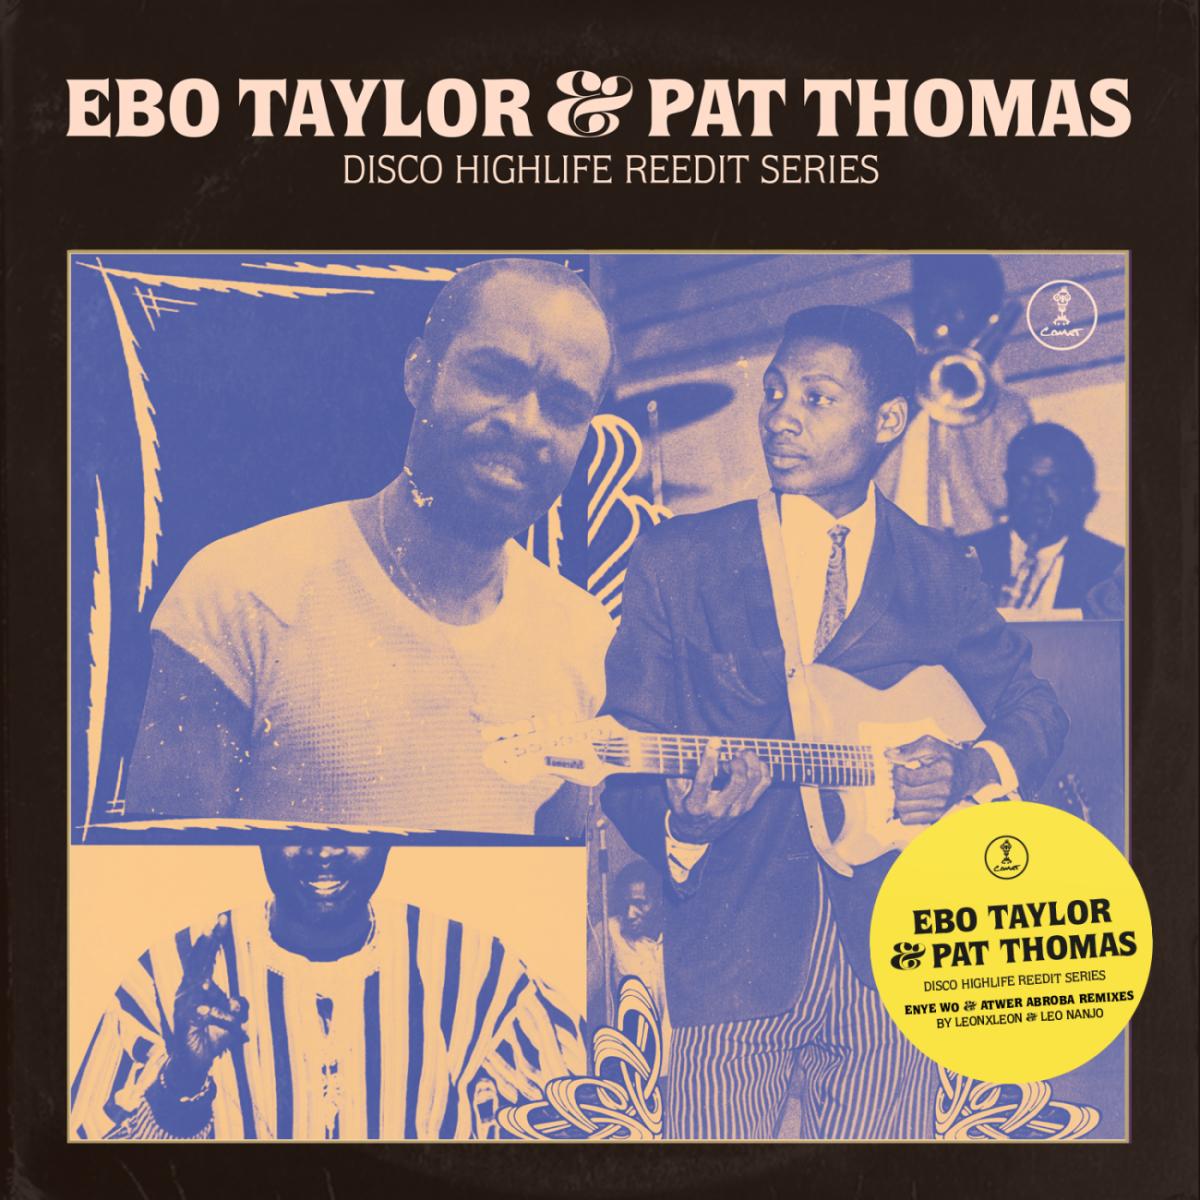 Ebo Taylor & Pat Thomas – Disco Highlife Reedit Series